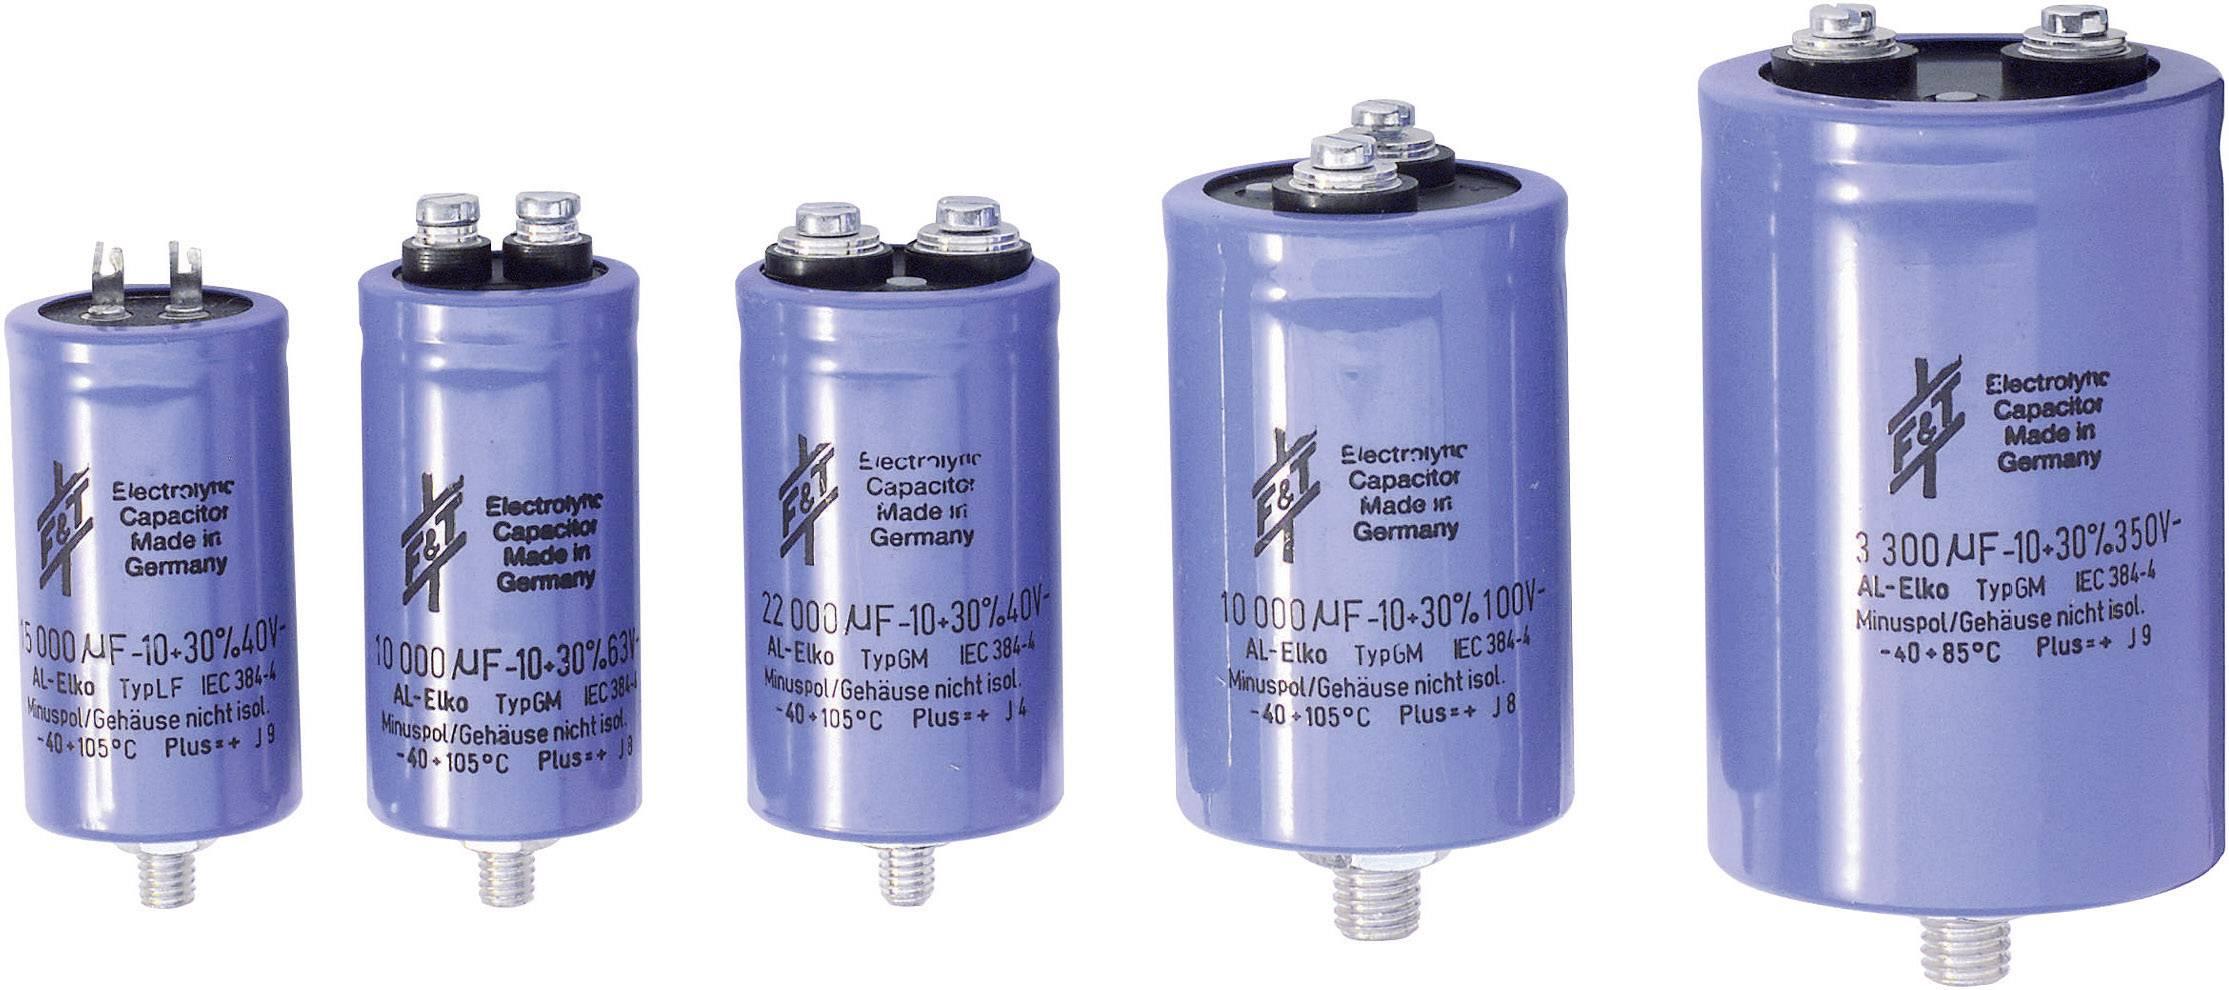 Elektrolytický kondenzátor FTCAP GMB47304050080, skrutkový kontaktný prvok, 47000 µF, 40 V, 20 %, 1 ks